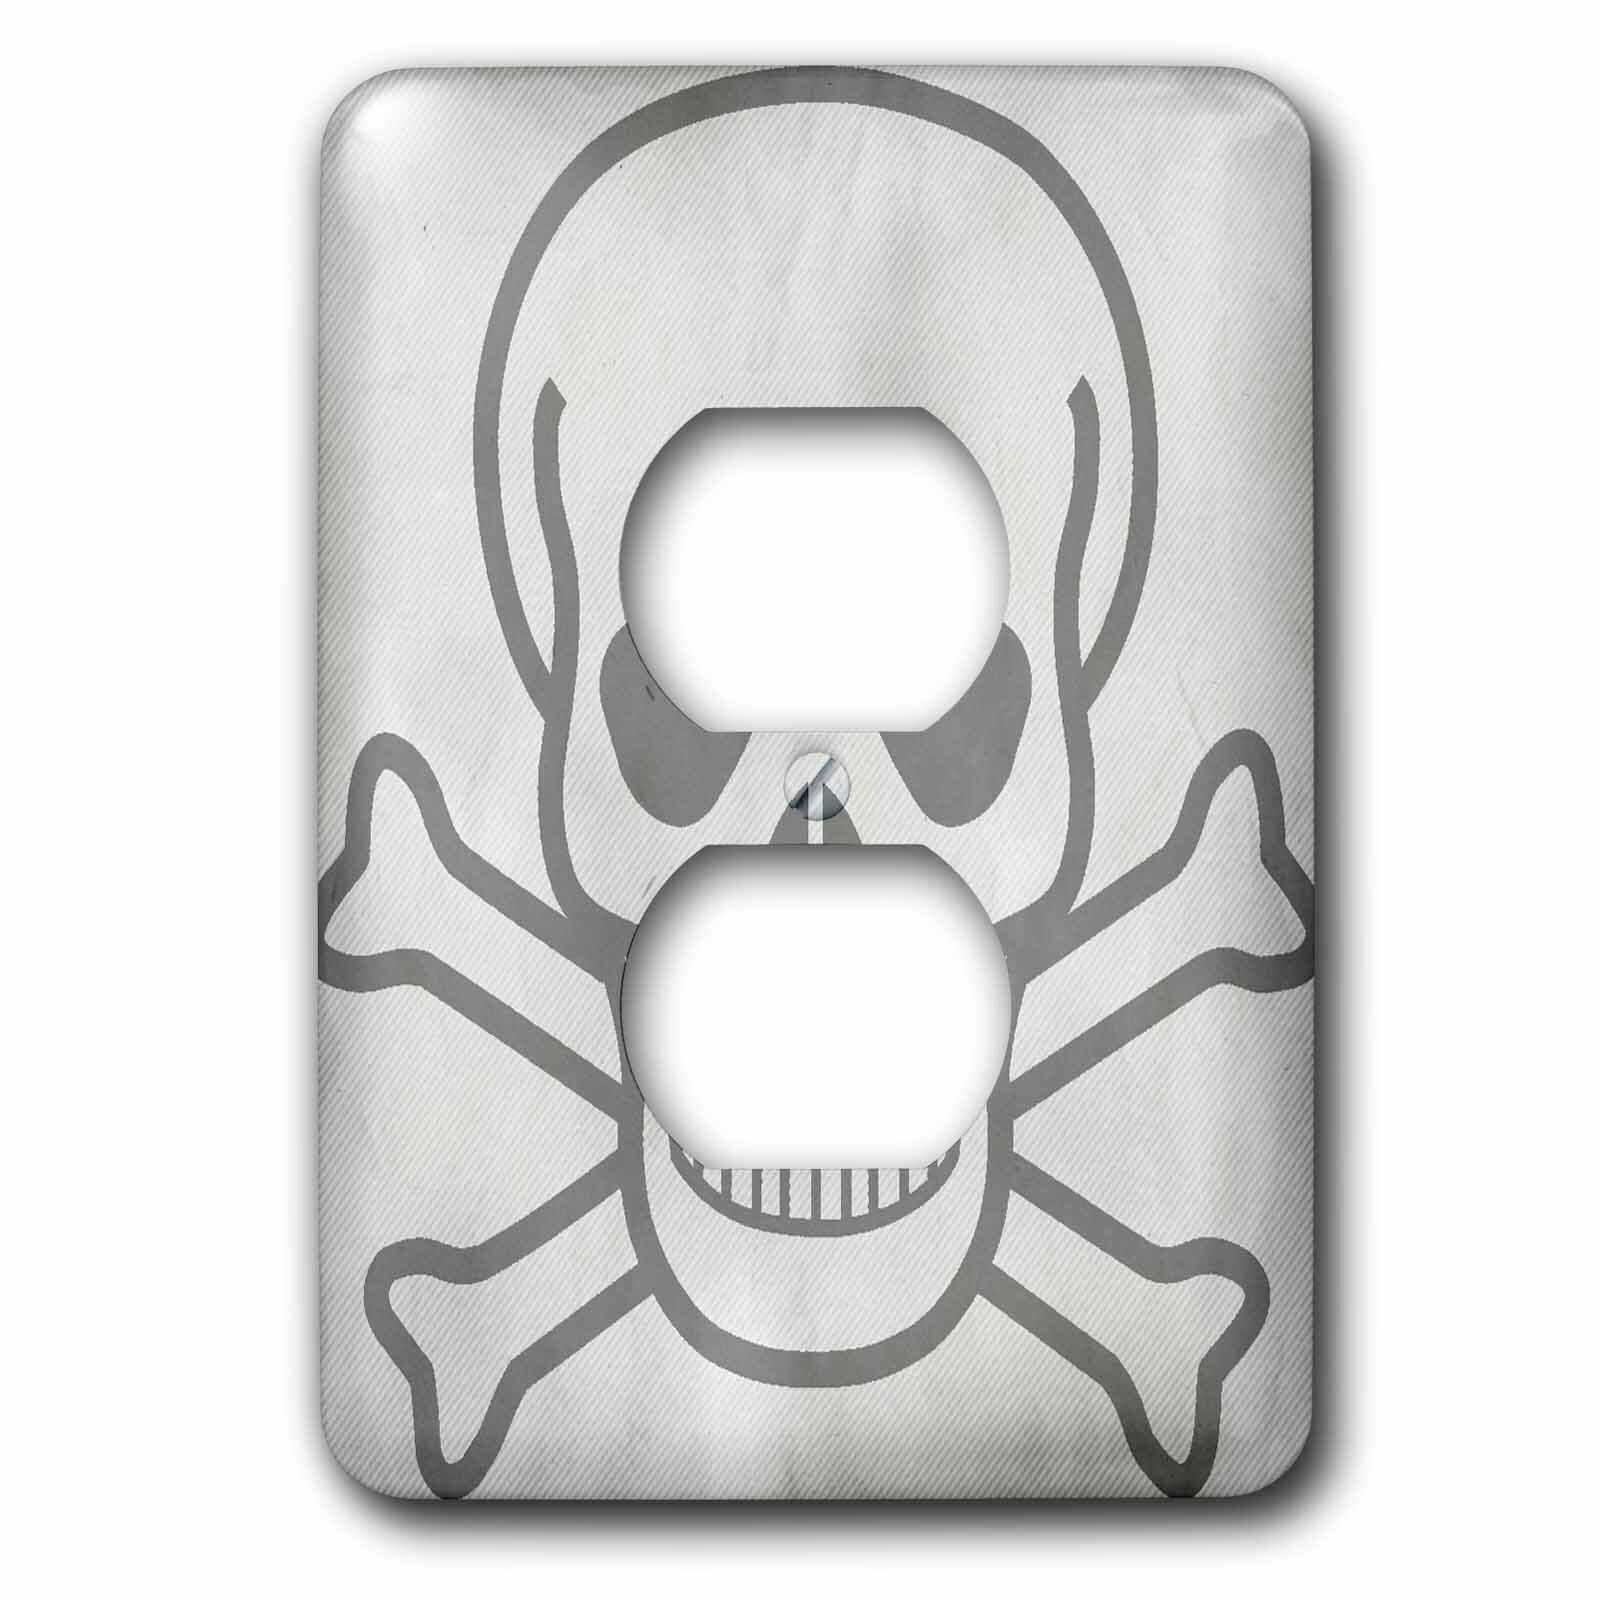 3drose Skull And Crossbones 1 Gang Duplex Outlet Wall Plate Wayfair